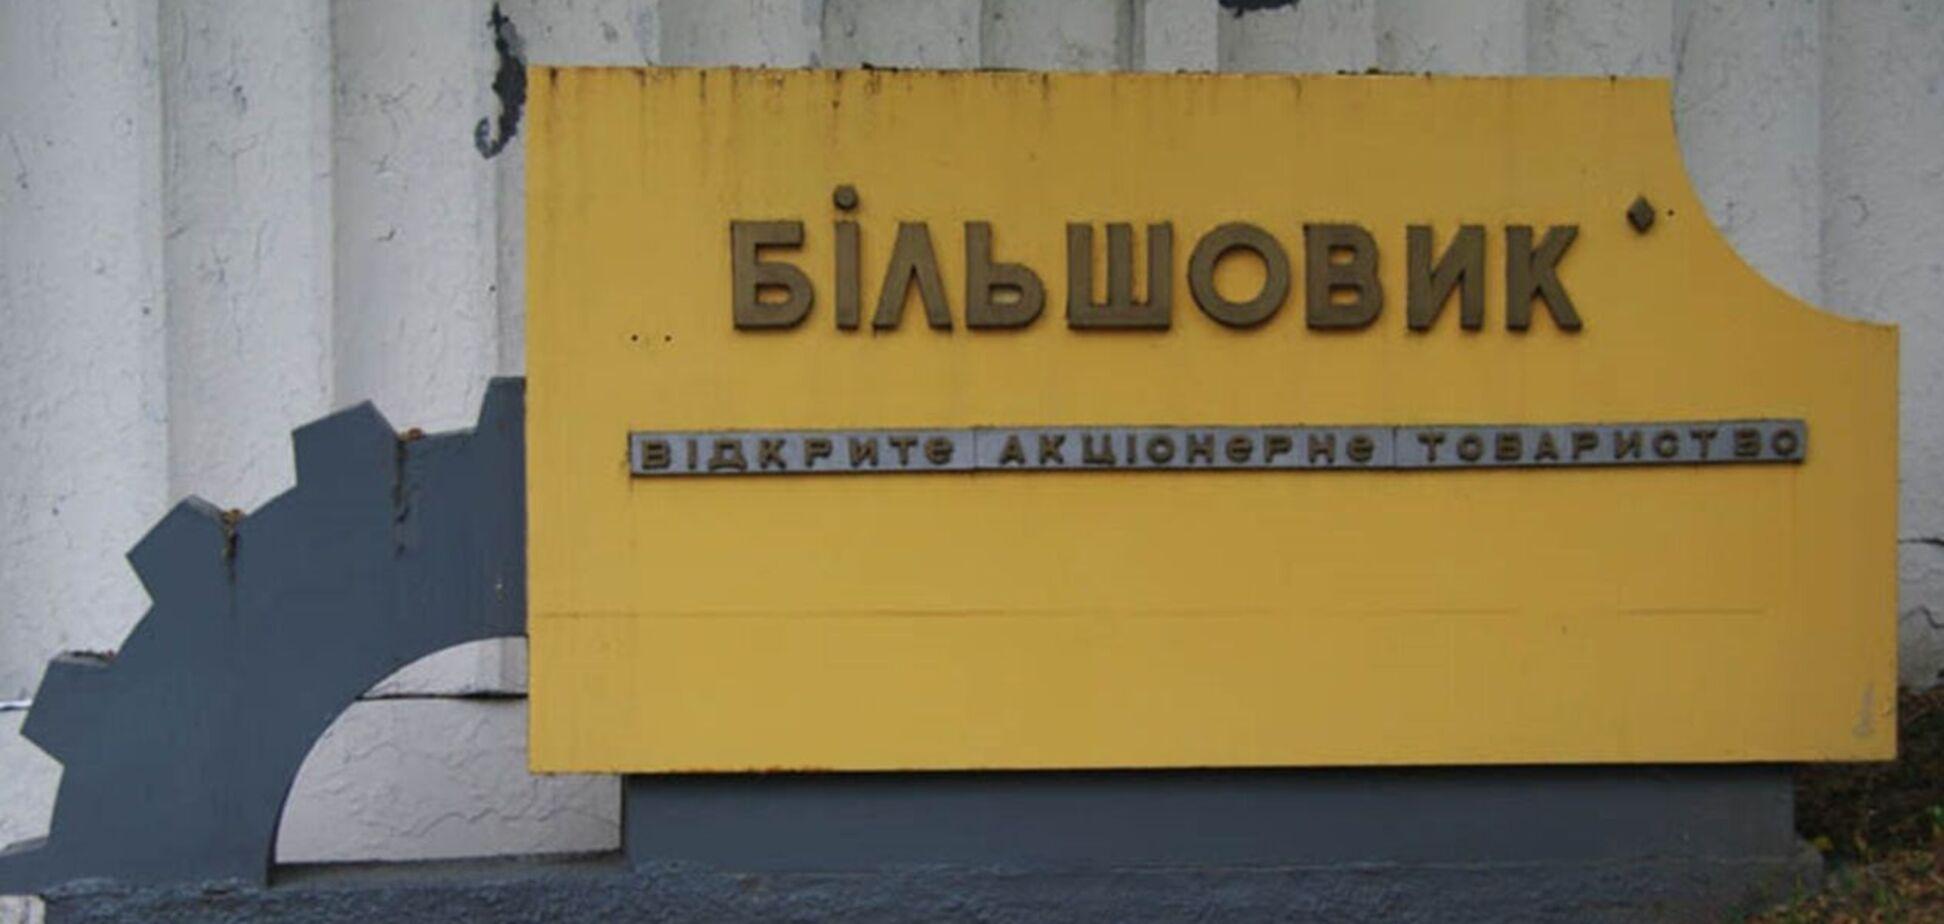 У ФДМУ відбулося засідання аукціонної комісії з приватизації заводу 'Більшовик'